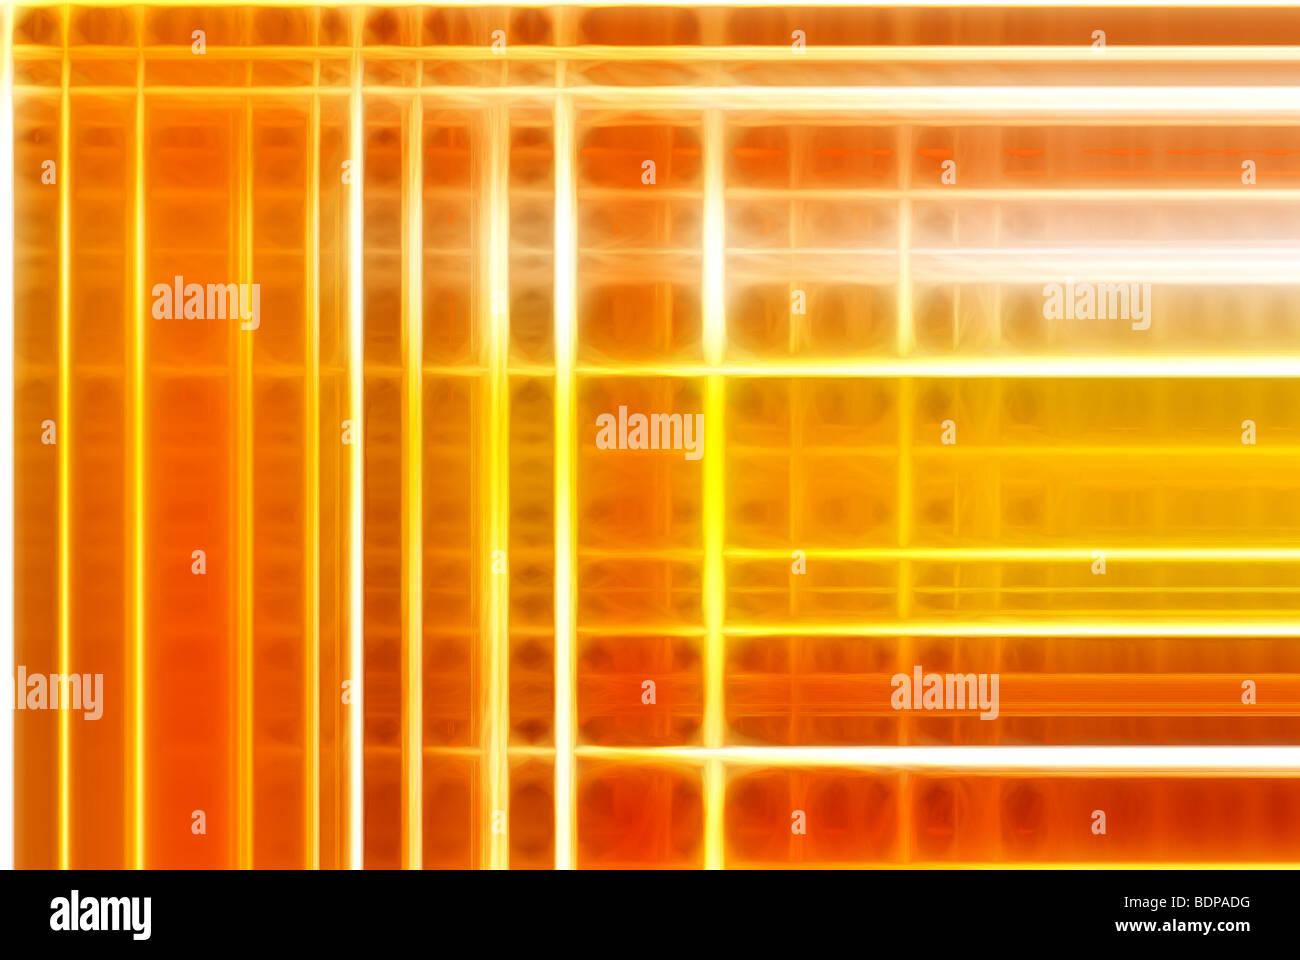 Una imagen de fondo abstracto compuesto de líneas coloridas Foto de stock